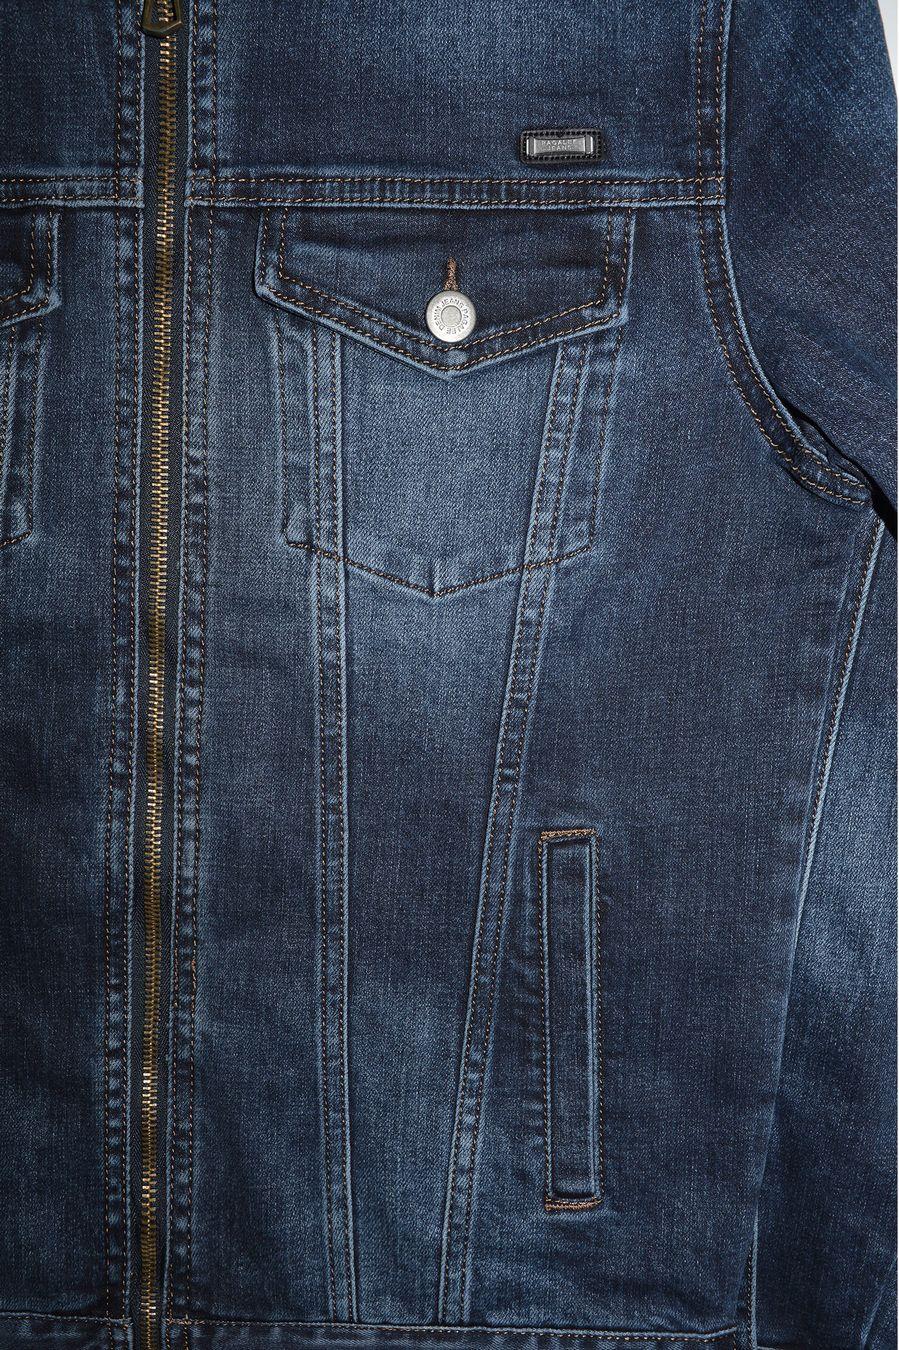 Пиджак мужской (джинсовка) Pagalee P8031 - фото 3